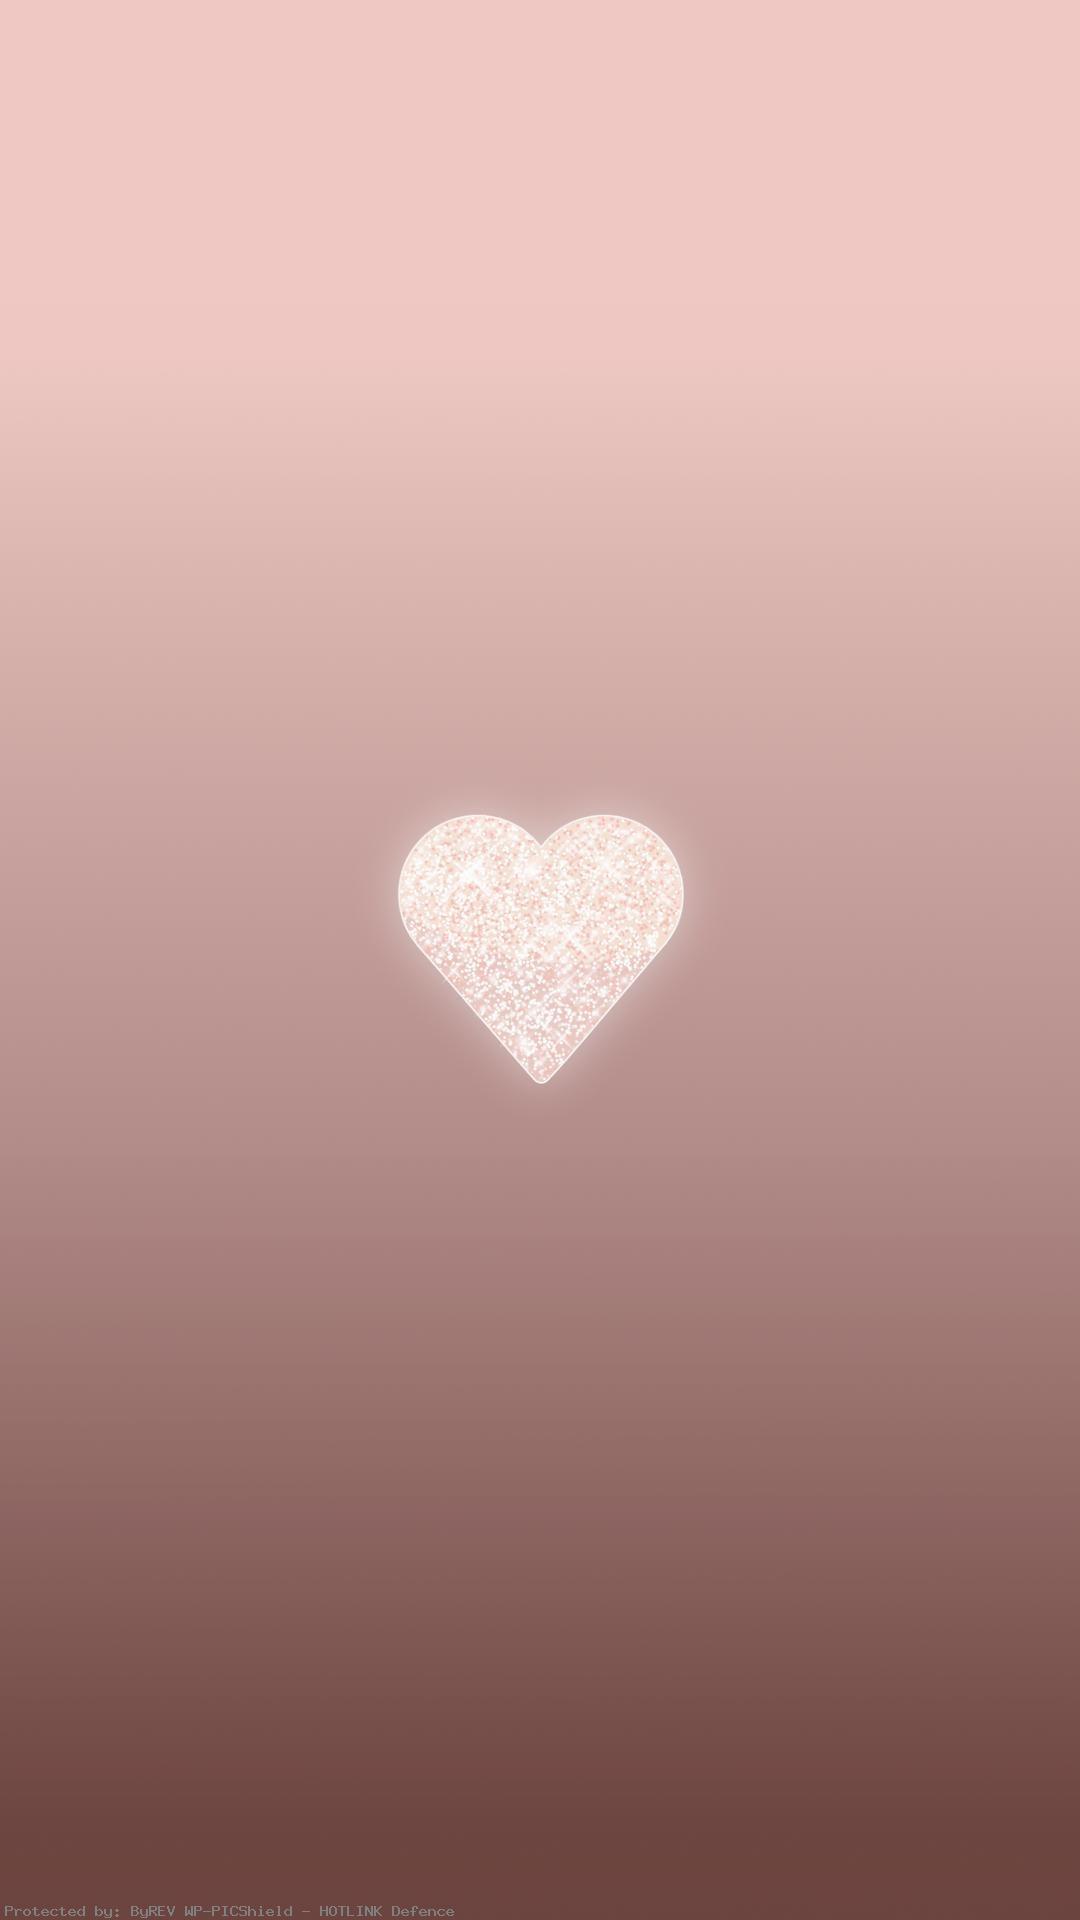 Good Wallpaper Marble Heart - 26051  Pic_845651.jpg